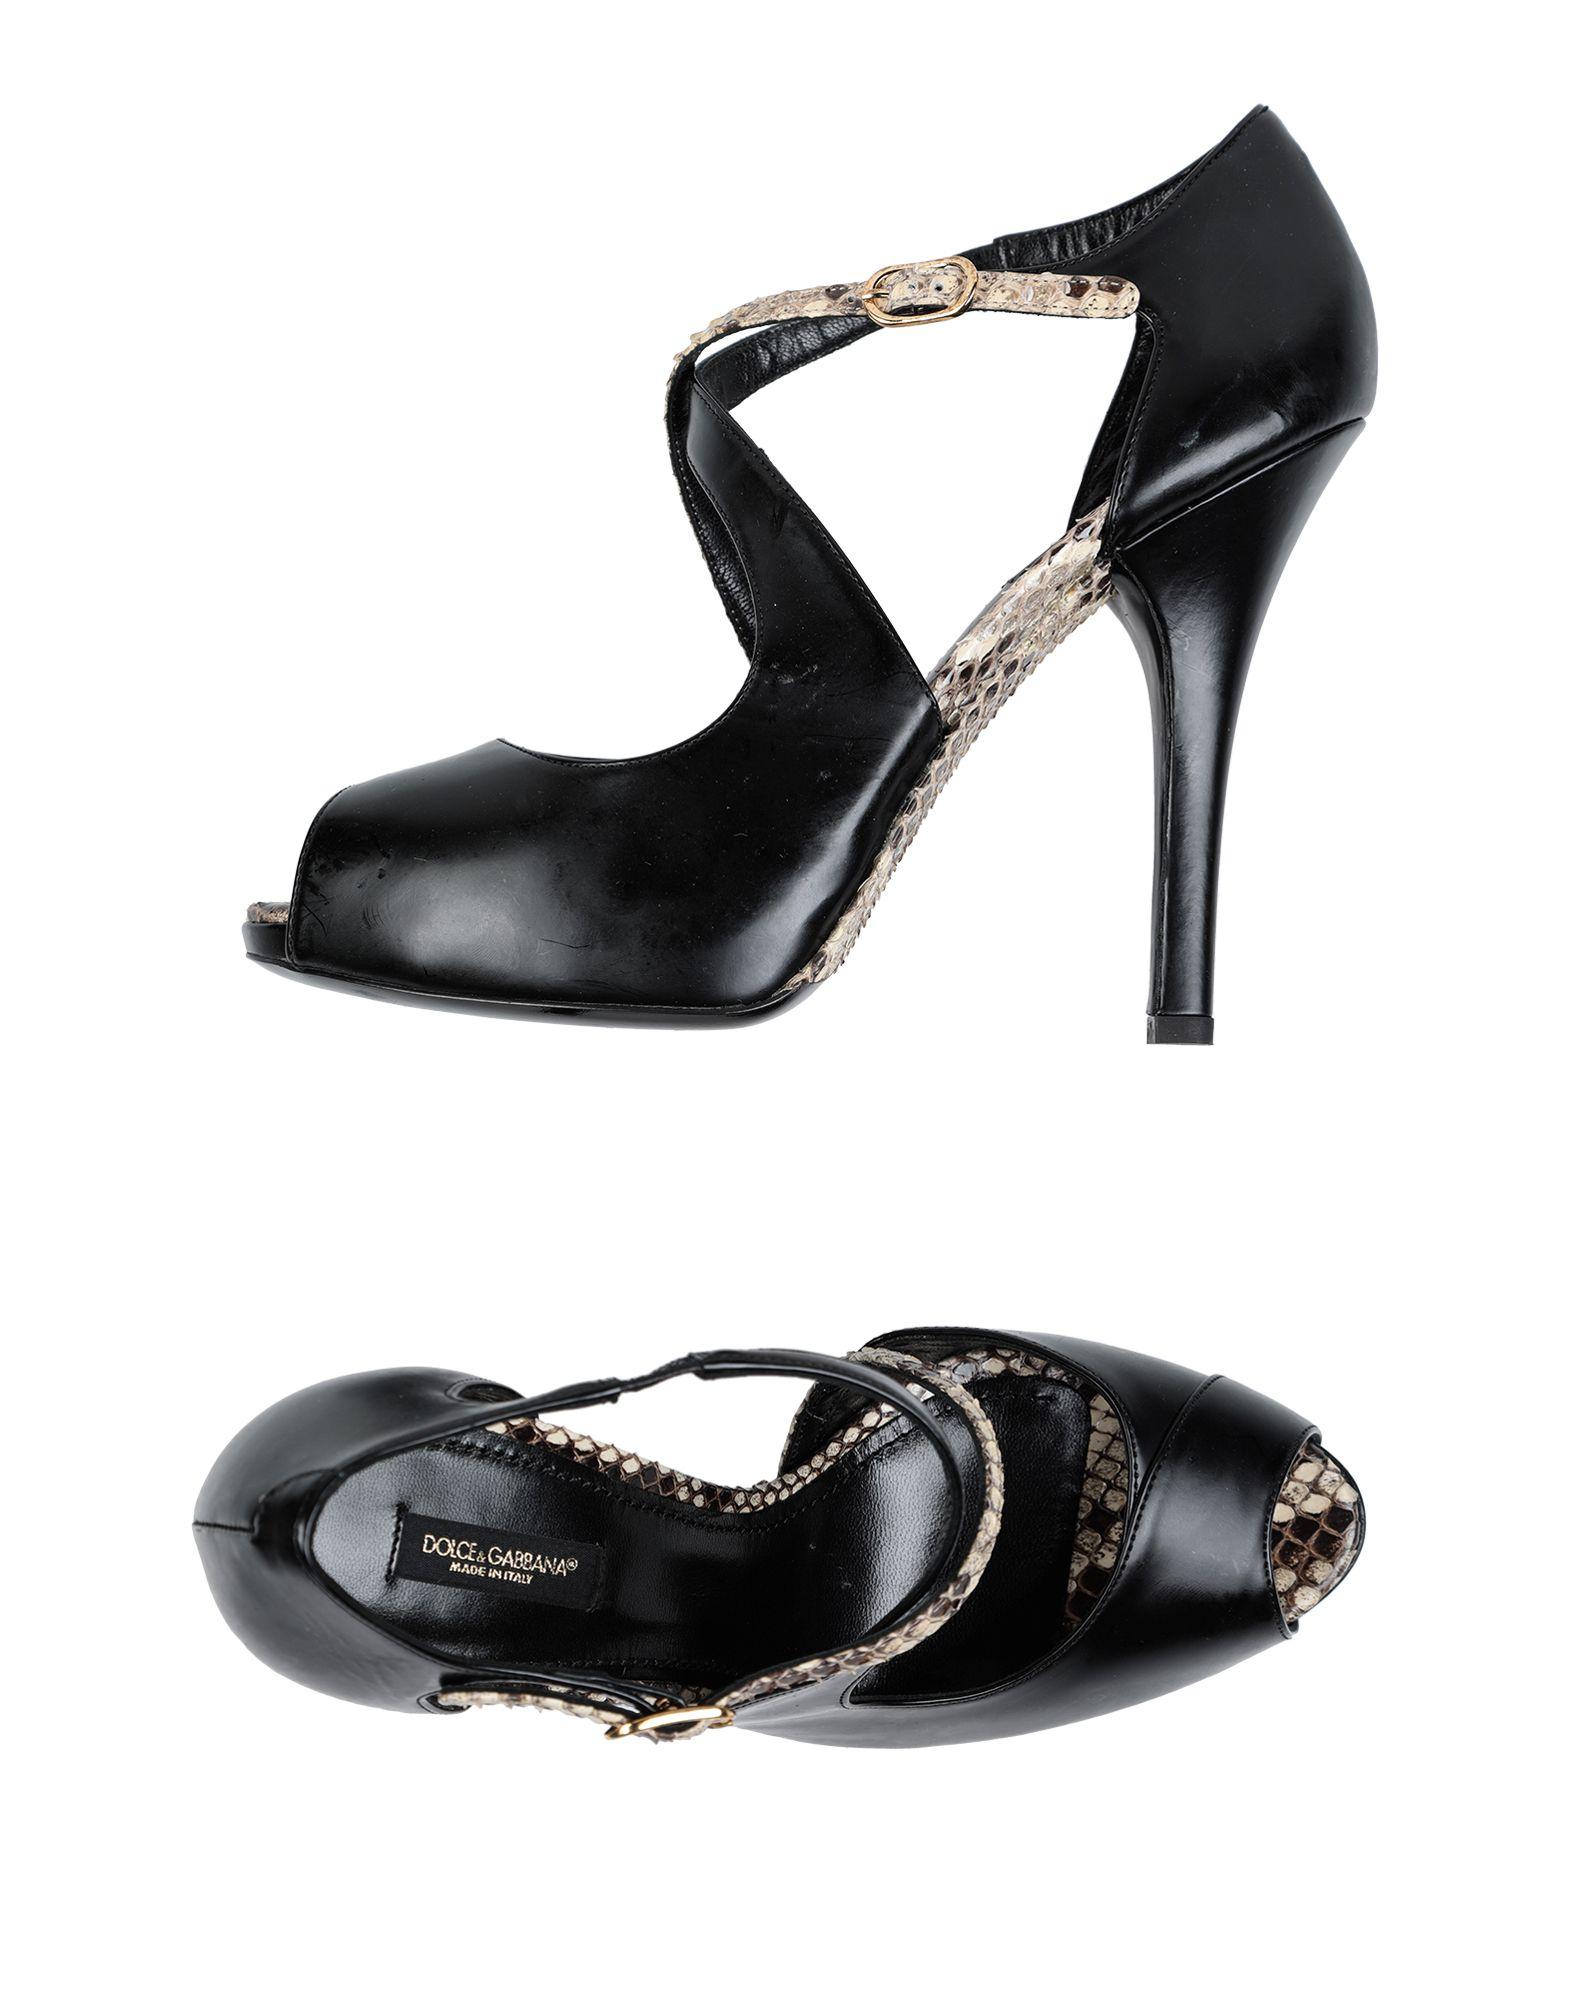 Dolce & Damen Gabbana Sandalen Damen & Gutes Preis-Leistungs-Verhältnis, es lohnt sich e5b724